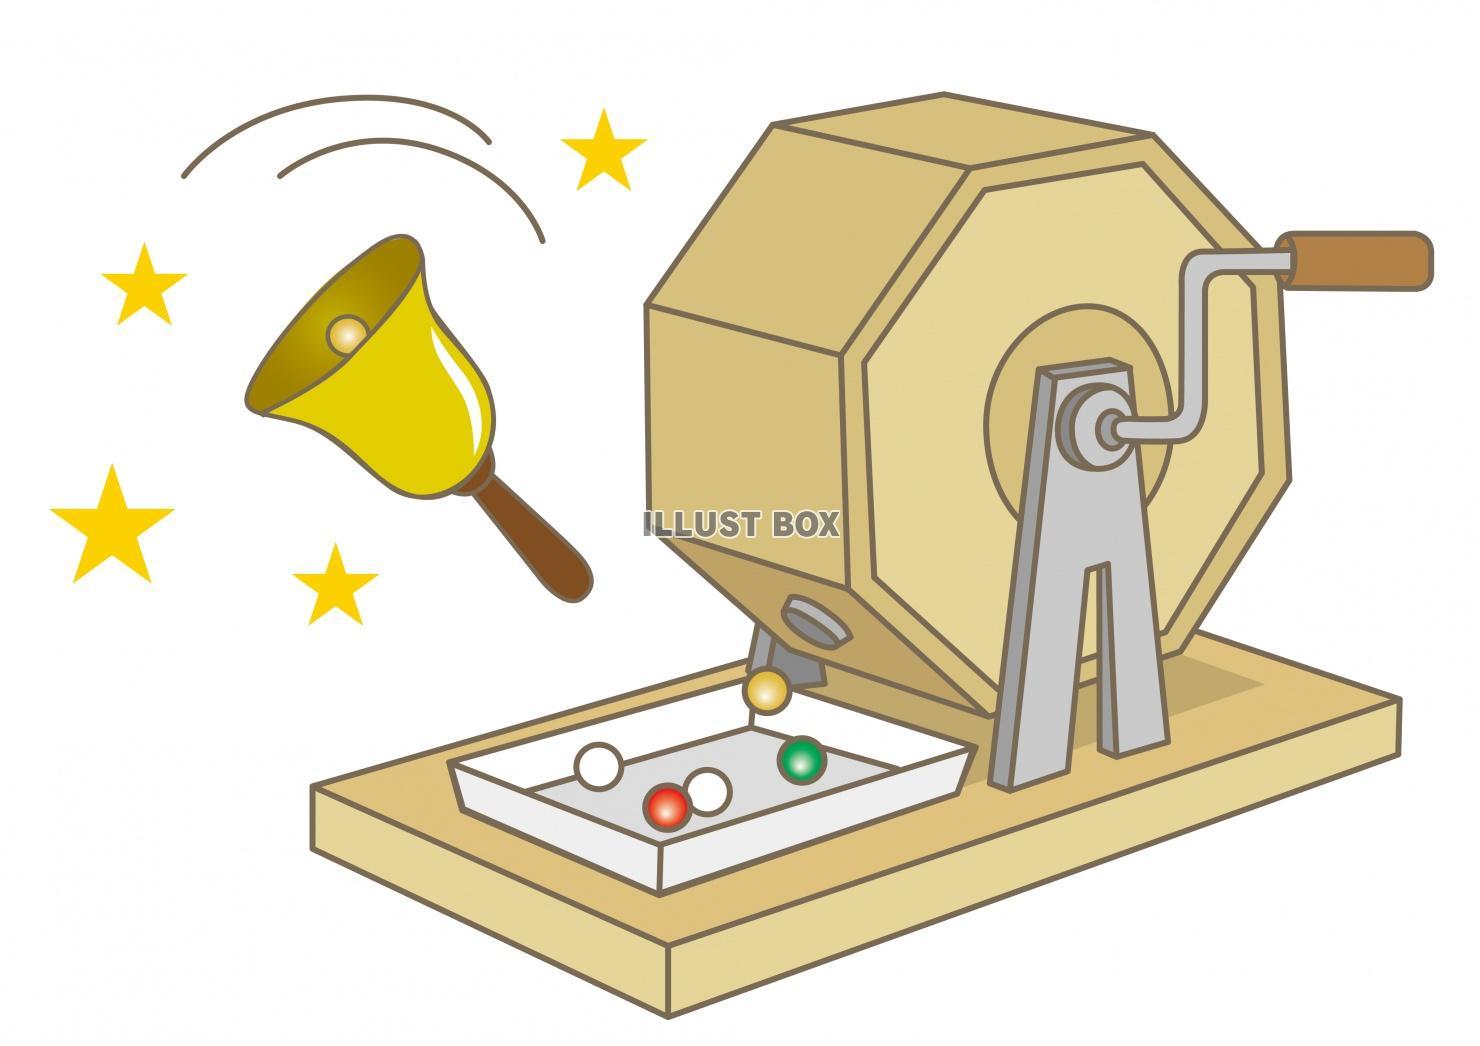 無料イラスト ガラポン抽選機/ガラポン抽選器